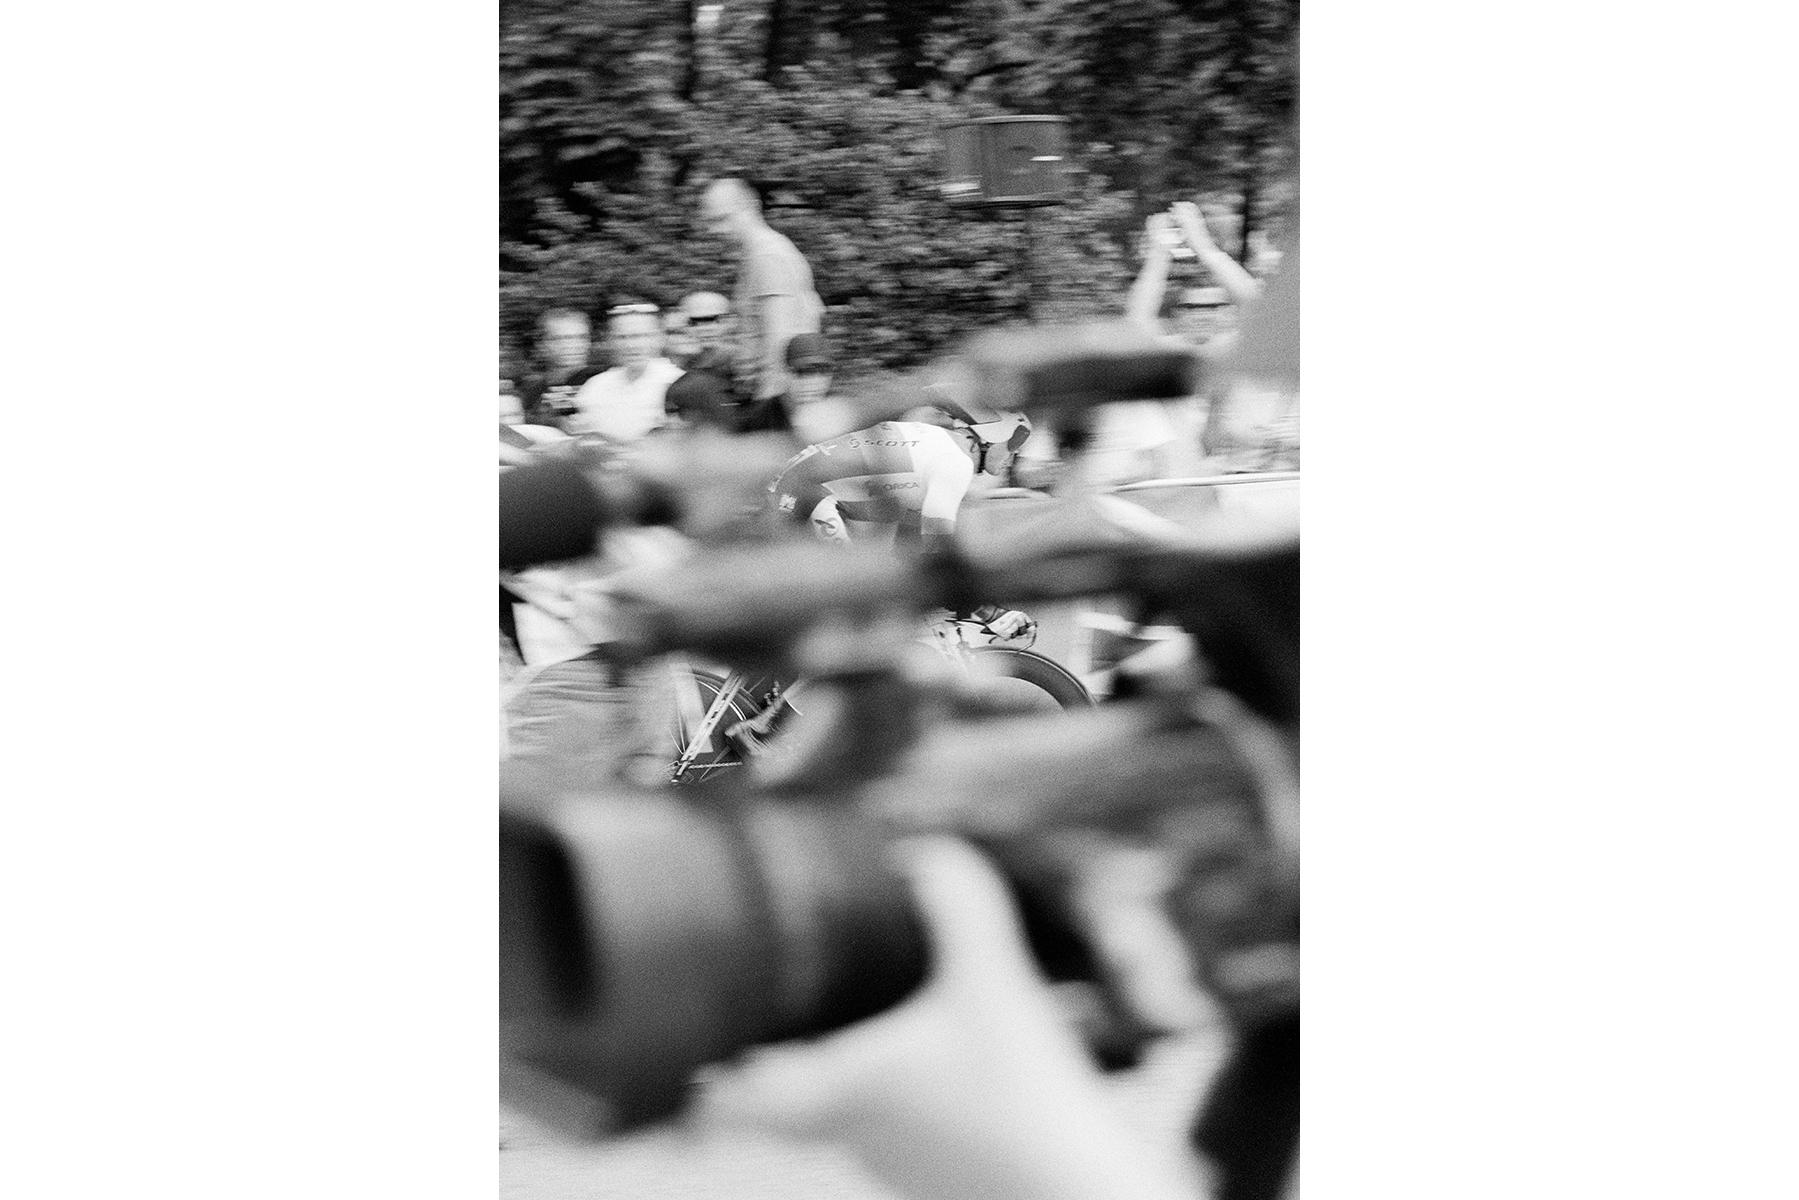 Le Tour de France 2012 ONLY YOU In a time trial, cyclists compete individually and against only one competitor — the clock. Dans une course contre-la-montre individuelle, les cyclistes s'élancent un par un contre un seul concurrent : le temps. Beim Einzelzeitfahren fährt der Fahrer nur gegen einen Gegner – die Uhr. En una carrera contrarreloj, los ciclistas compiten no sólo individualmente sino en contra del cronómetro.